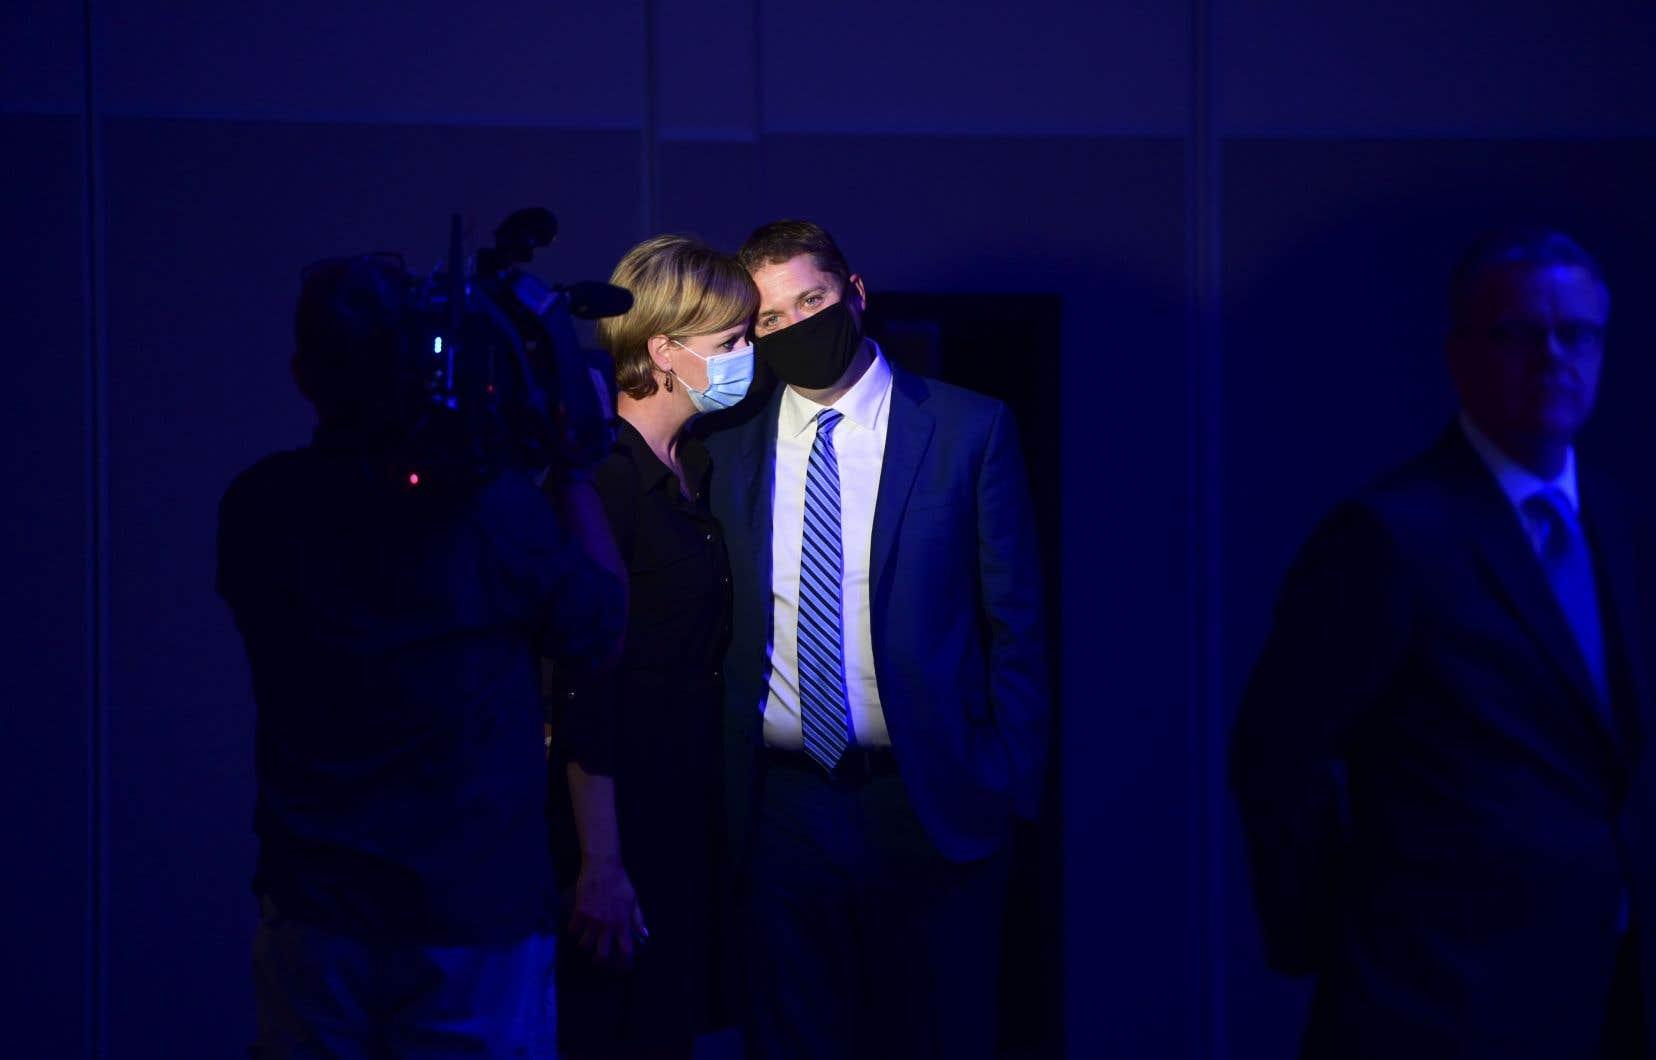 Andrew Scheer, accompagné de sa femme, quelques instants avant de prendre la parole pour la dernière fois en tant que chef du Parti conservateur du Canada